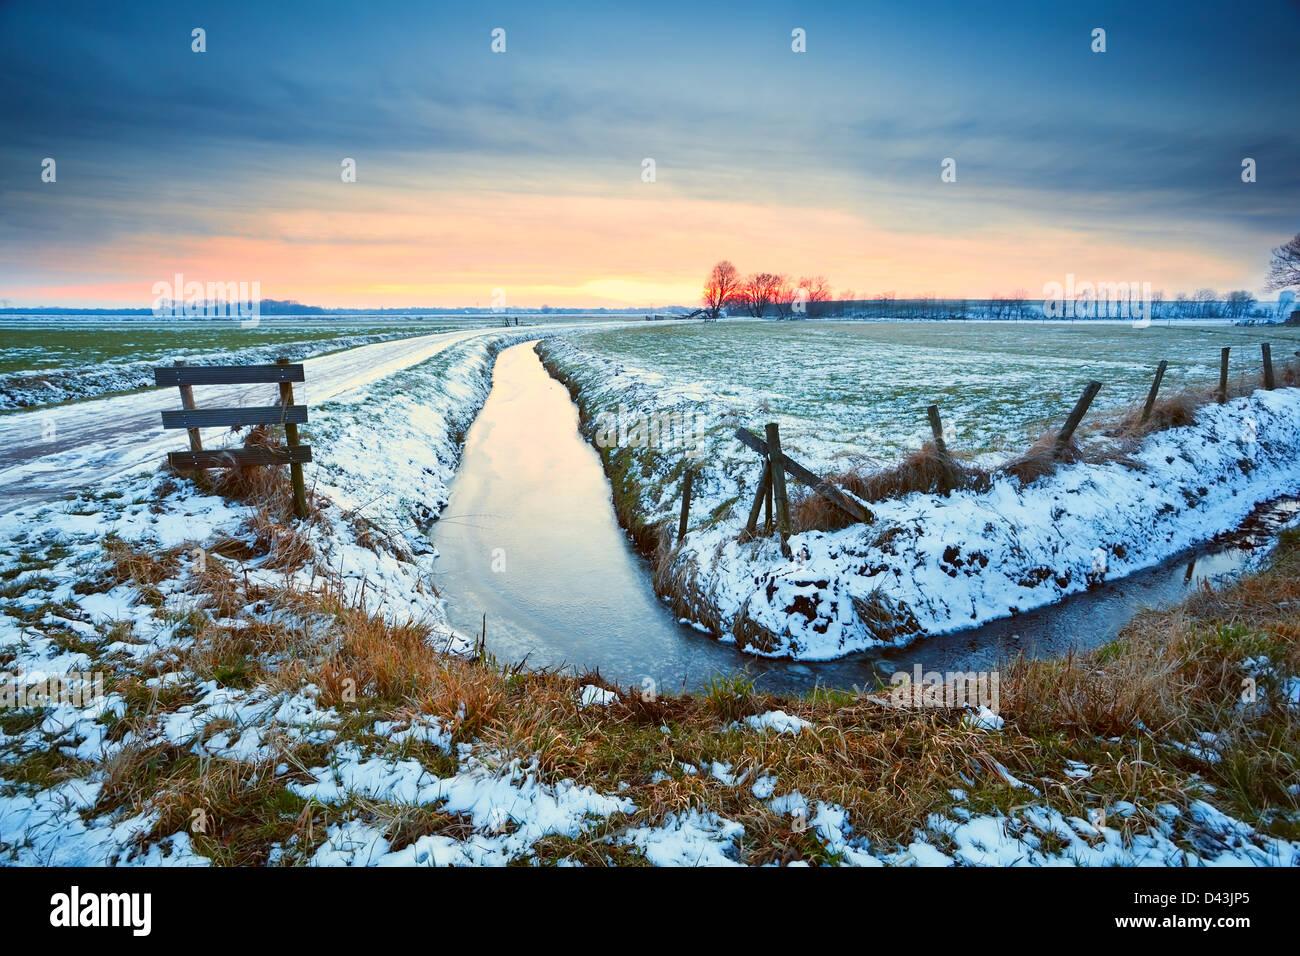 Plus de coucher de soleil spectaculaire rivière gelée en terres agricoles néerlandais Photo Stock